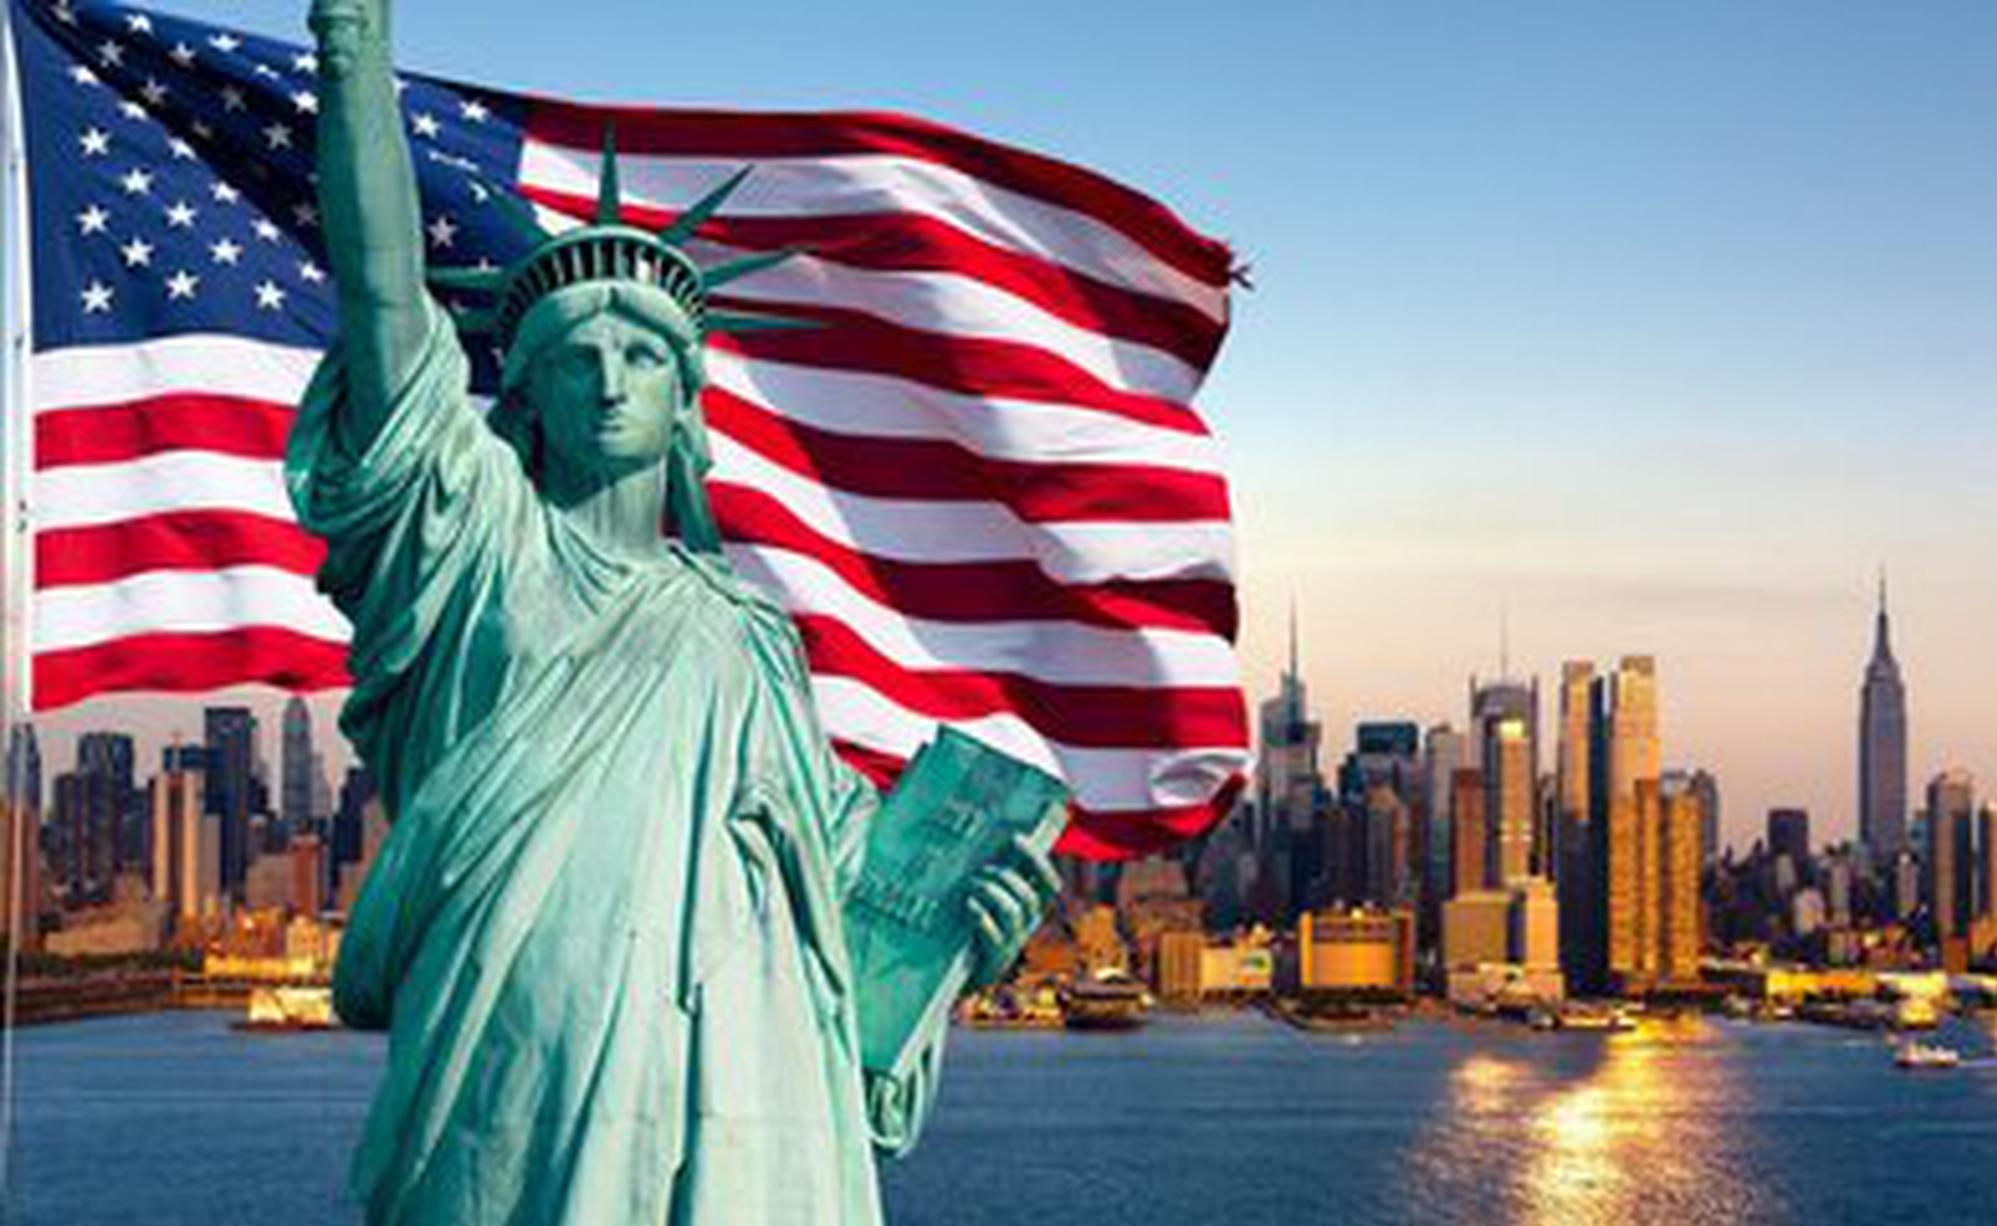 英媒:赴美留学降温 最大的障碍来自签证申请